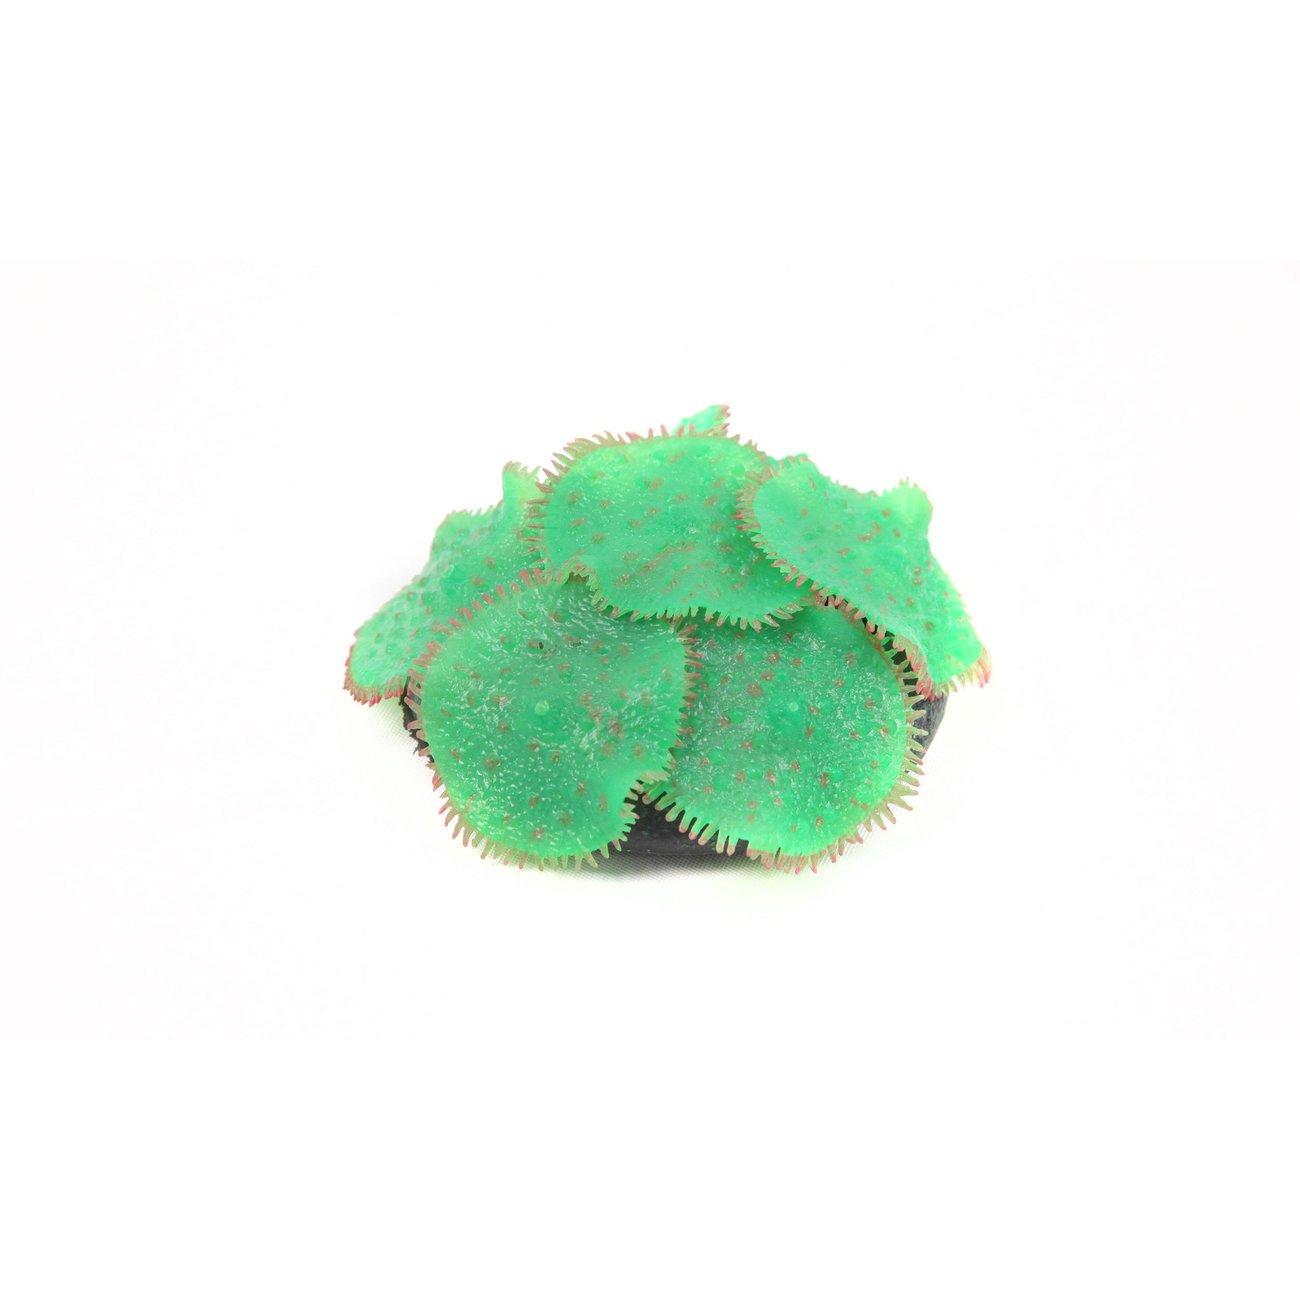 Aquatlantis Aqua Glow Pilze, Bild 2